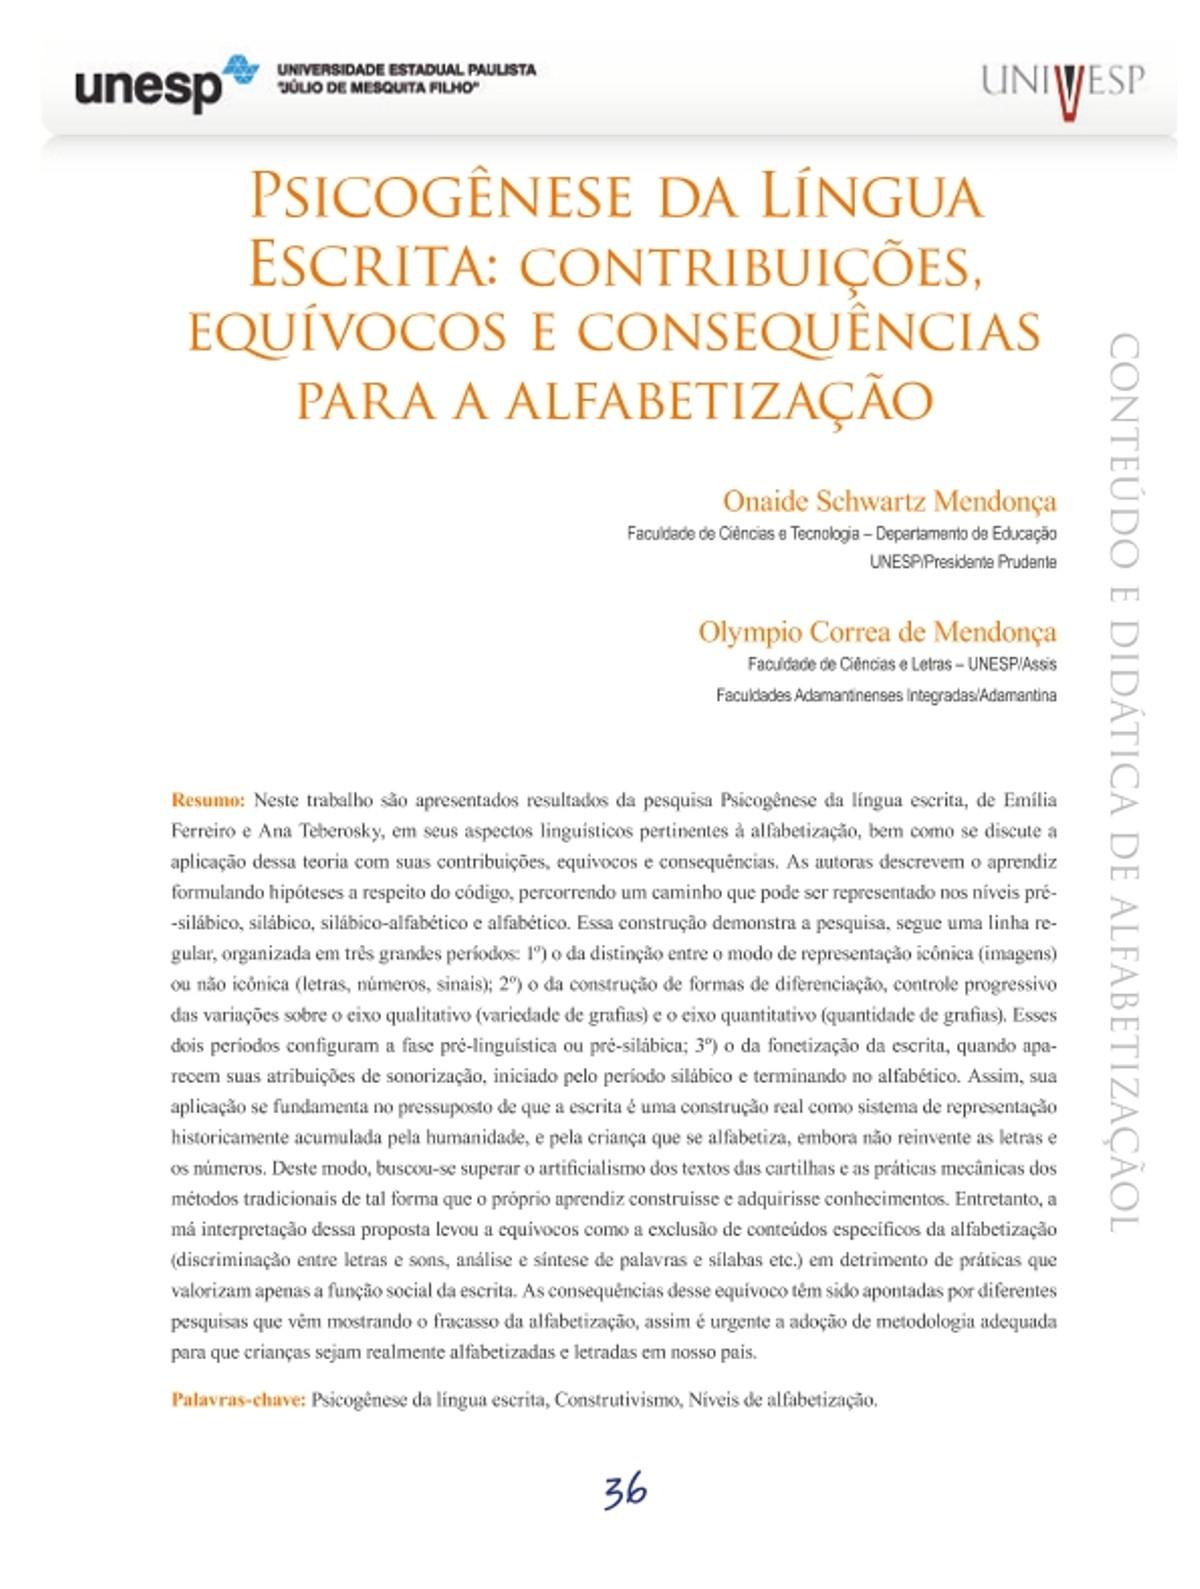 Pre-visualização do material PSICOGENESE DA LINGUA ESCRITA - página 1